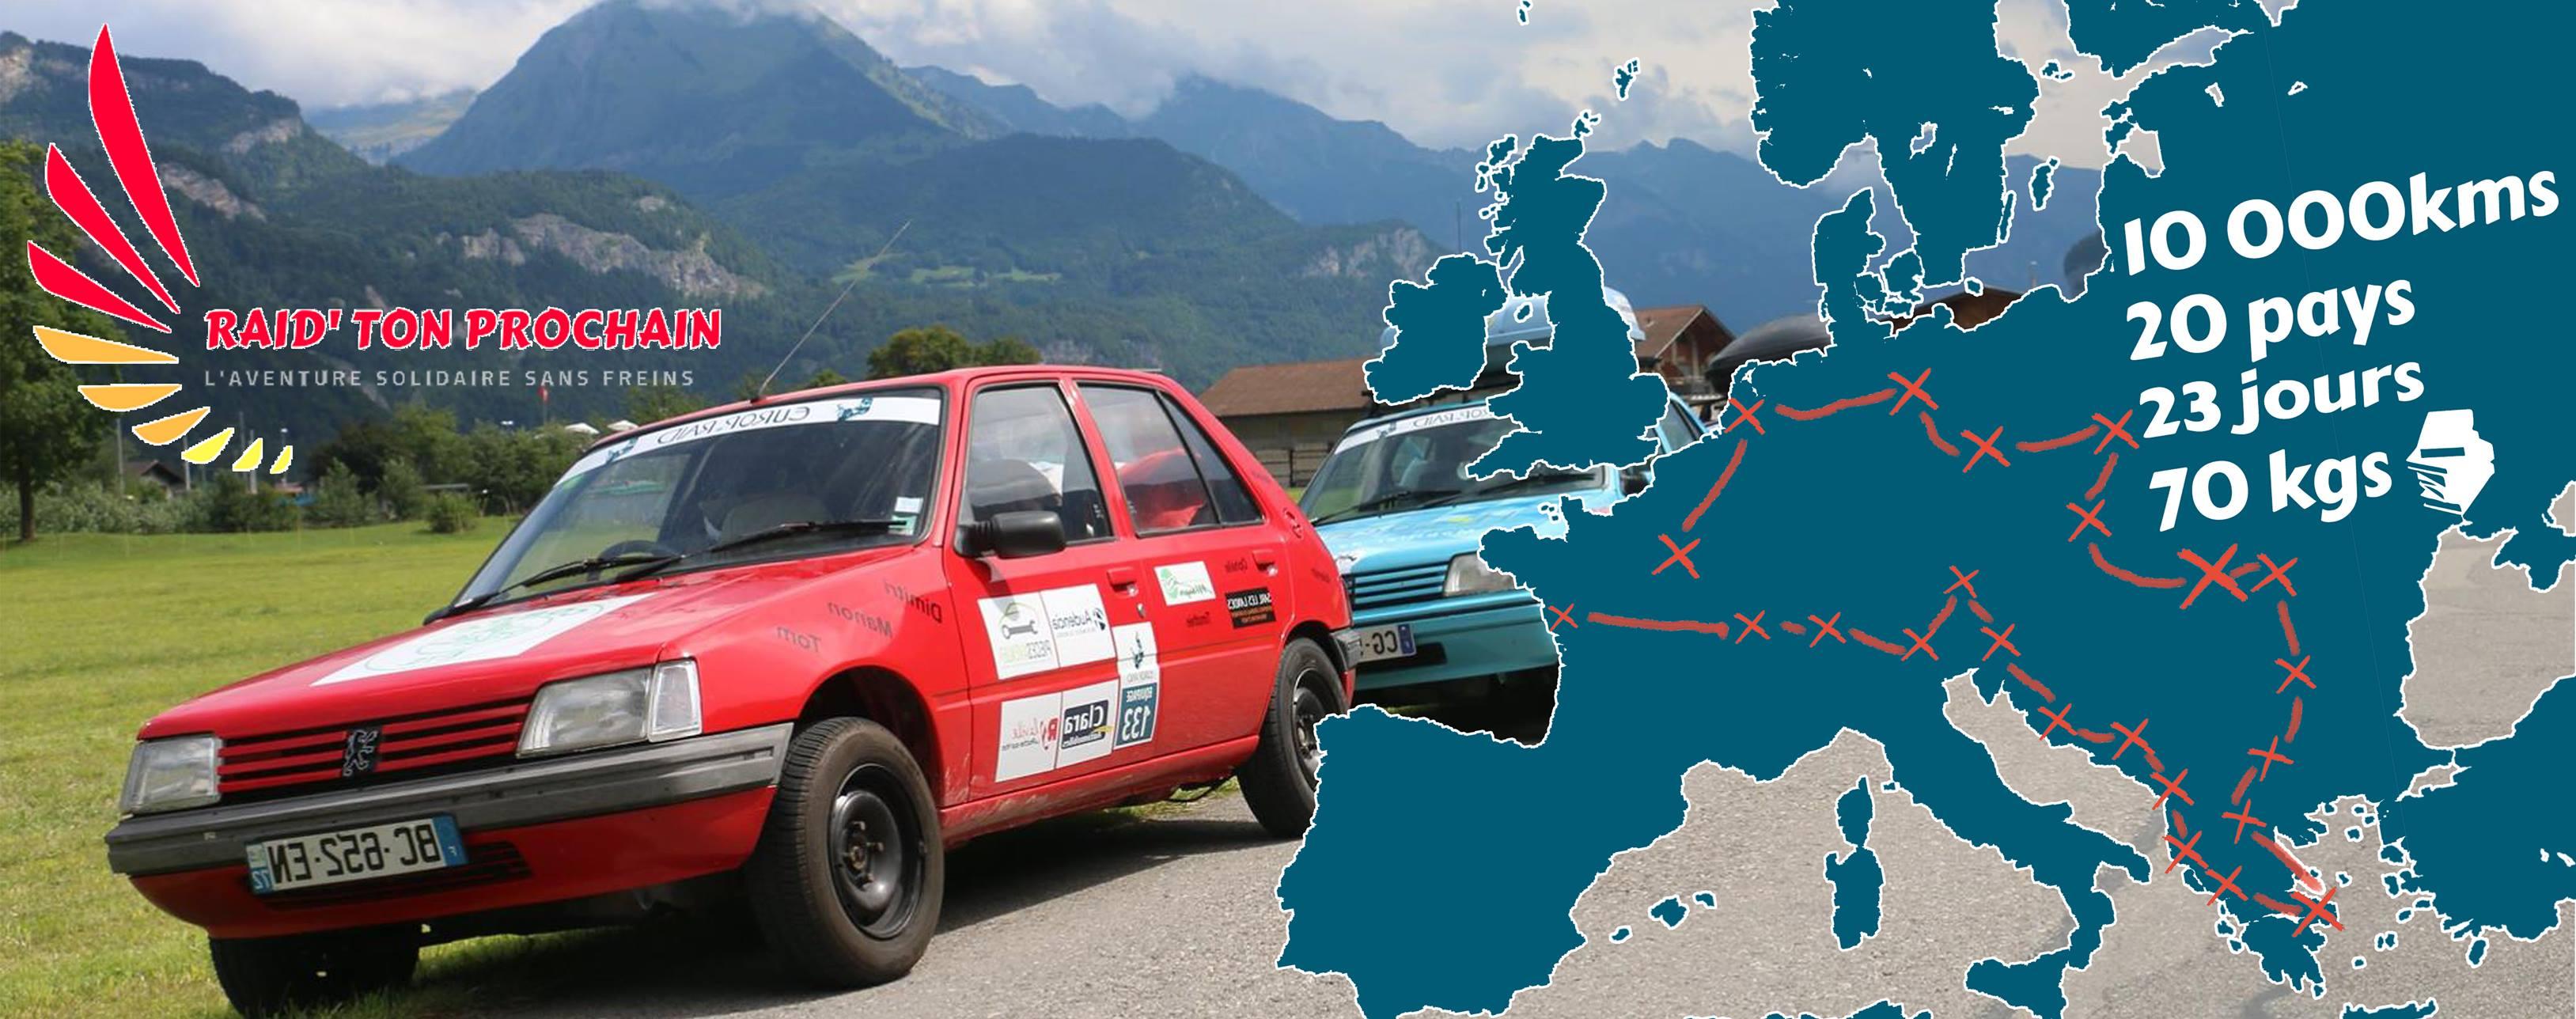 Un road-trip solidaire au cœur de l'Europe à bord d'une 205 Peugeot